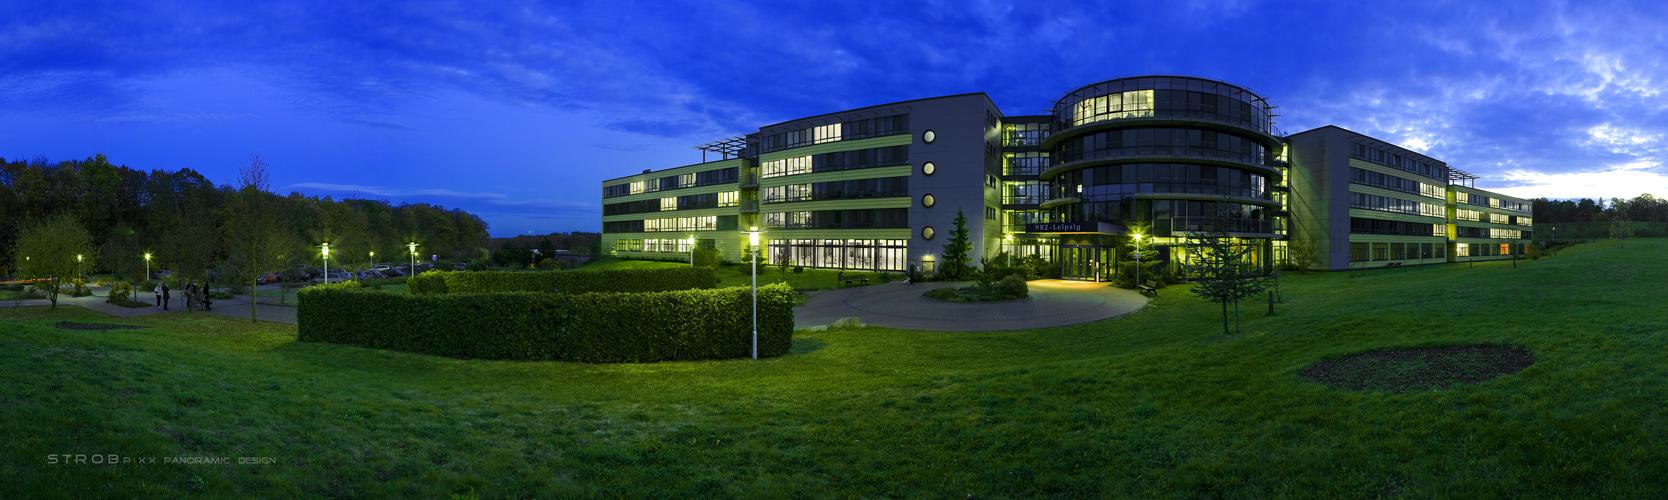 Das Neurologische Rehabilitationszentrum Leipzig / Bennewitz . . . . . .